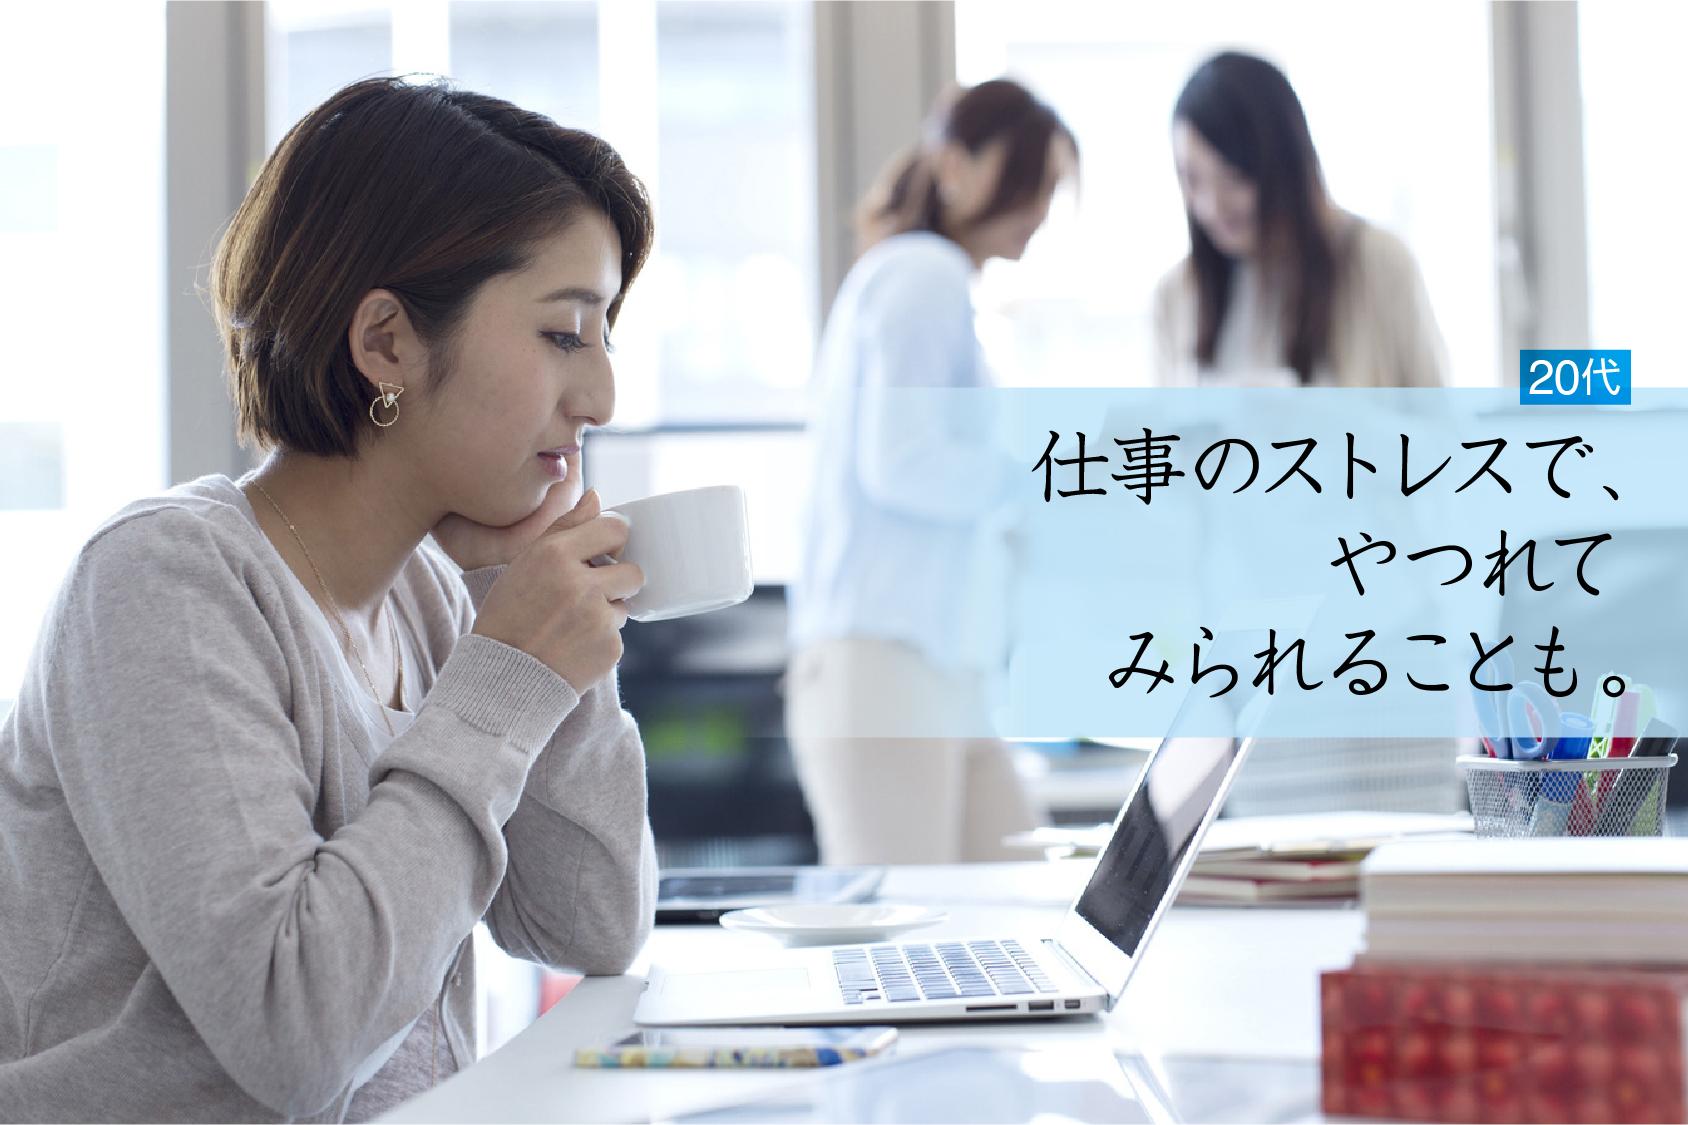 【ケース1】20代